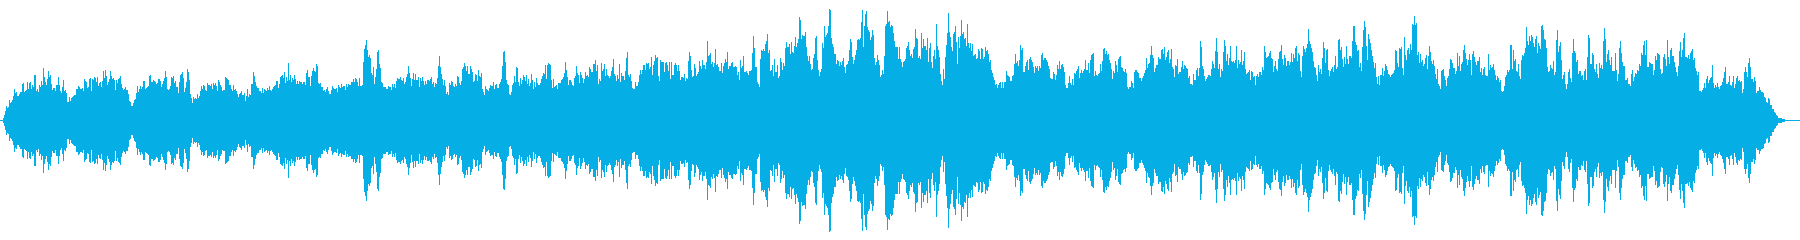 クラシカルでゆったりしたストリングスの再生済みの波形